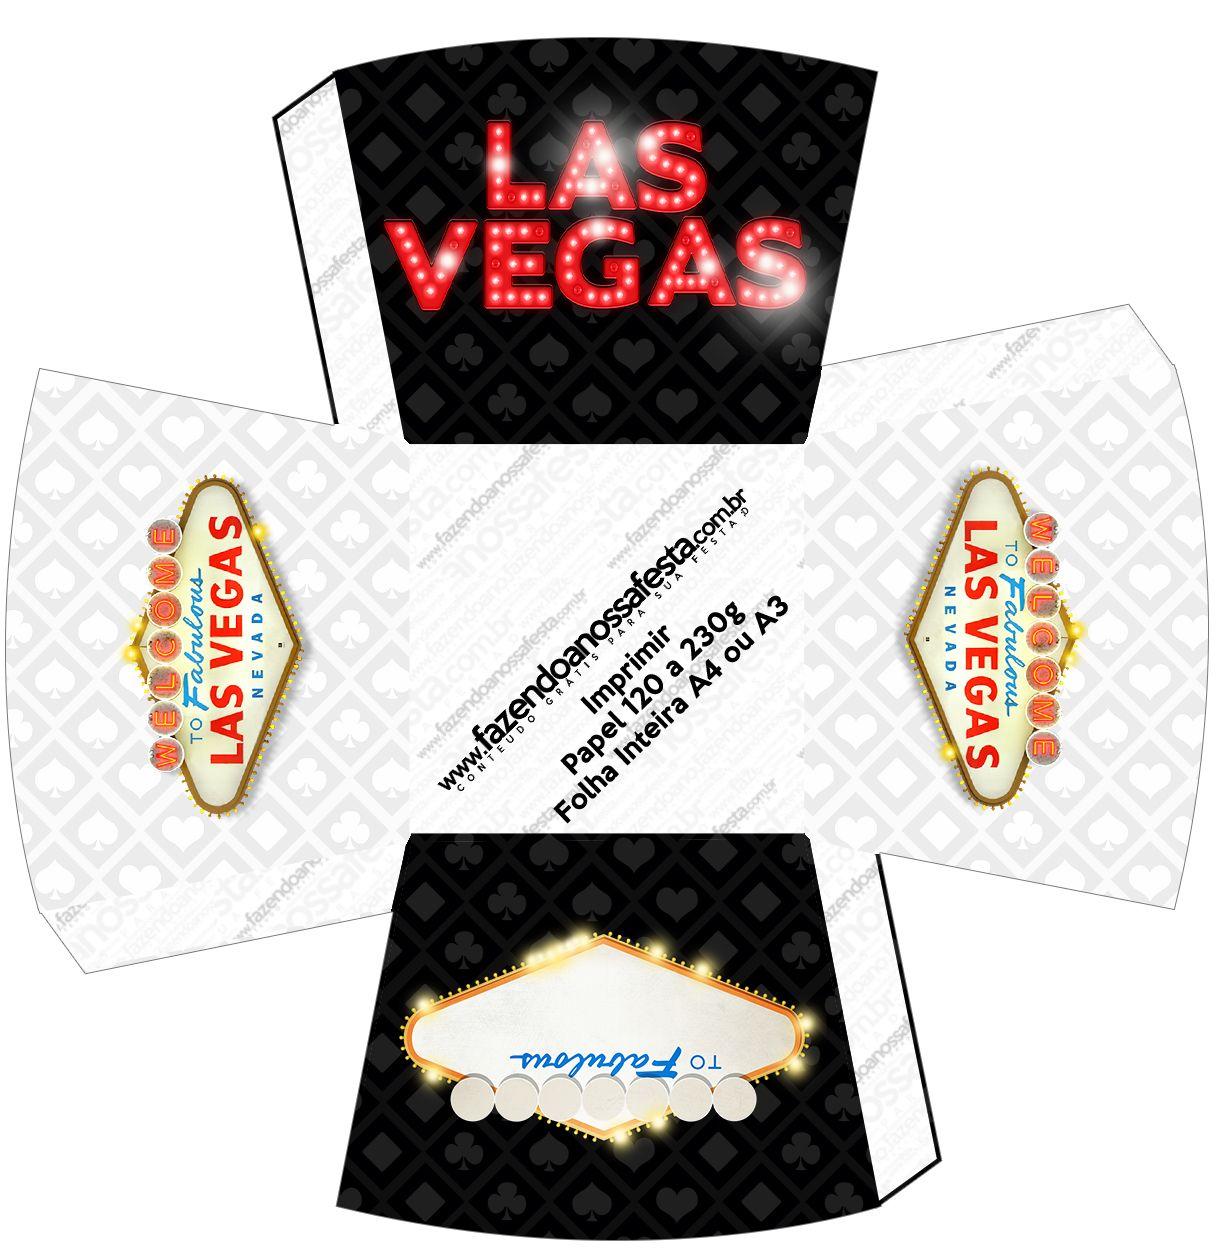 Världsmästare i poker - 55525